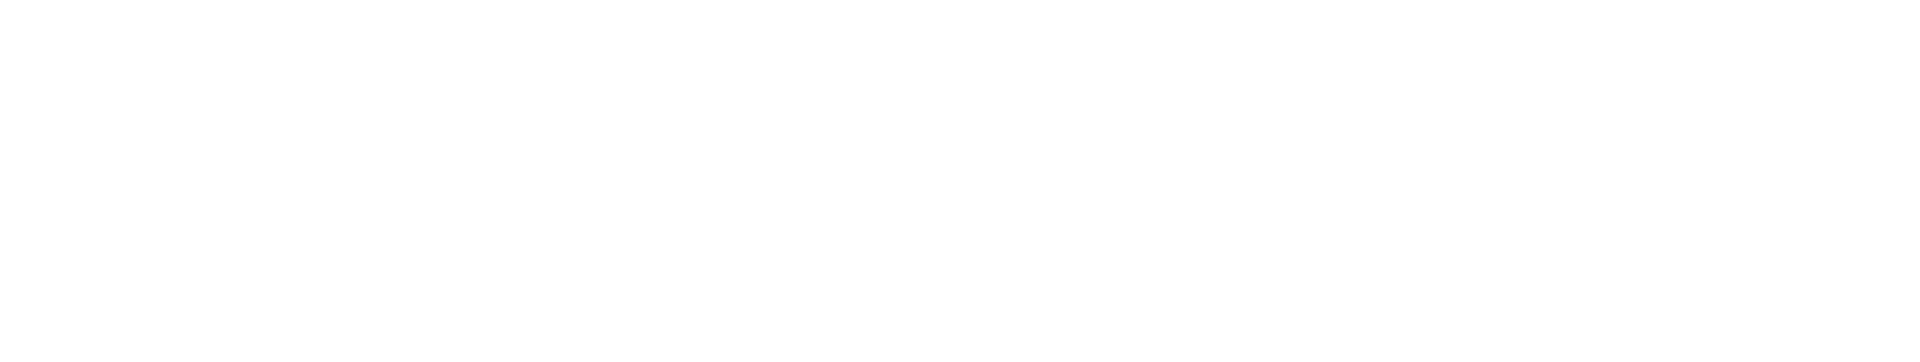 マンゾクネット背景